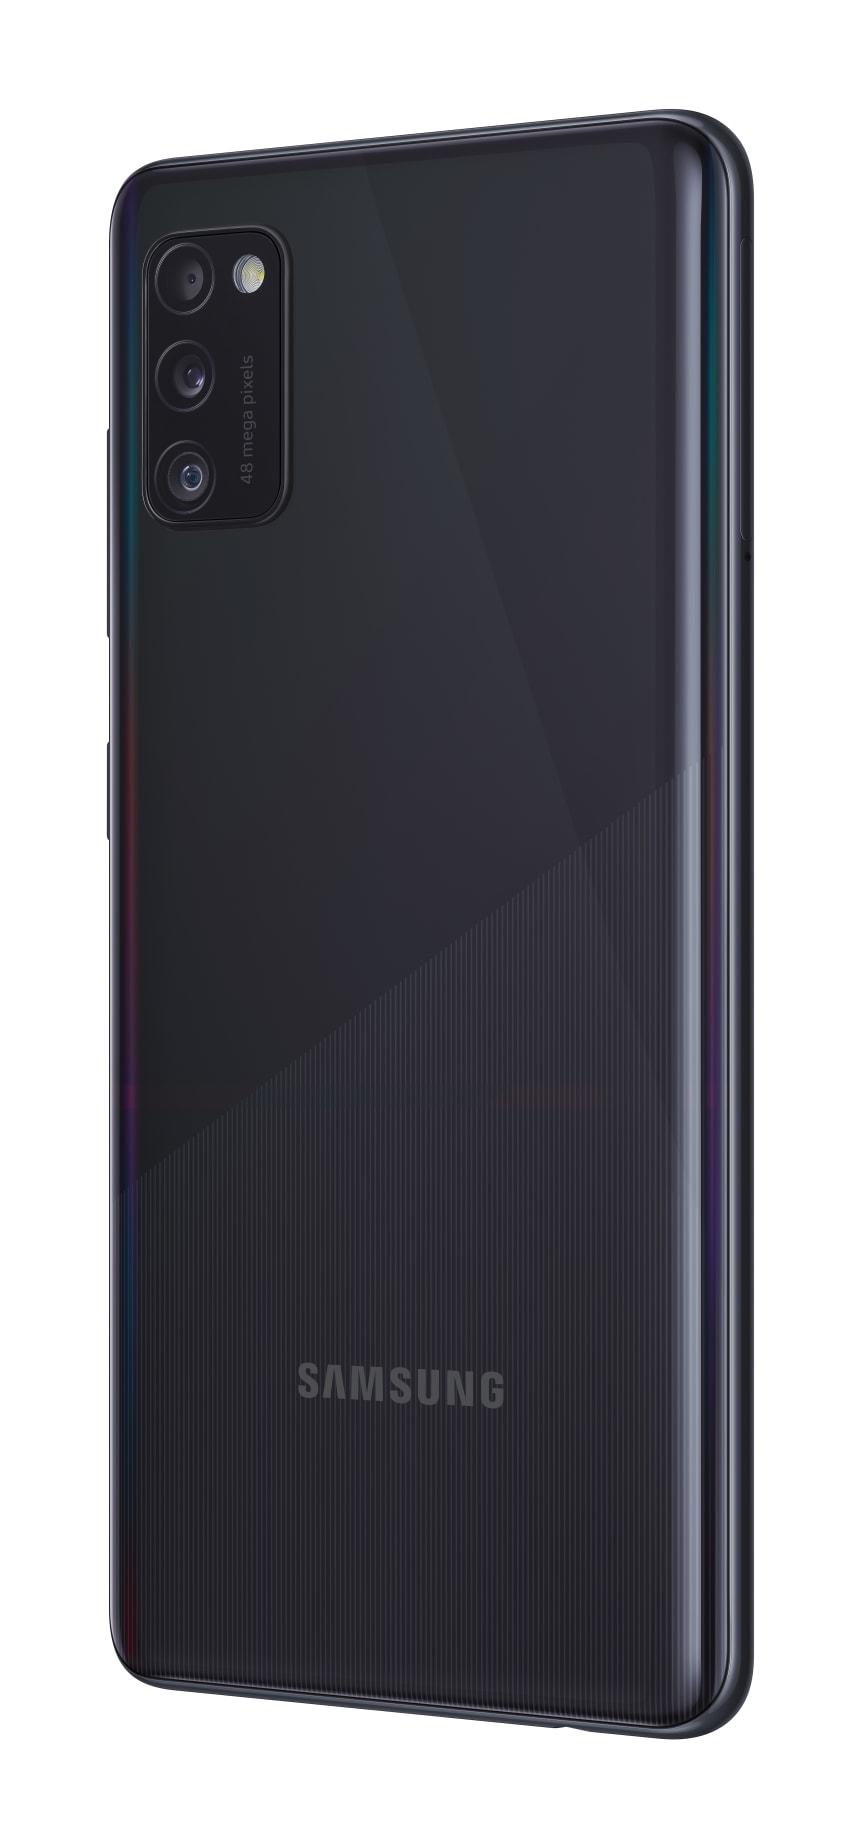 04_Samsung Galaxy A41_prism_crush_black_r30